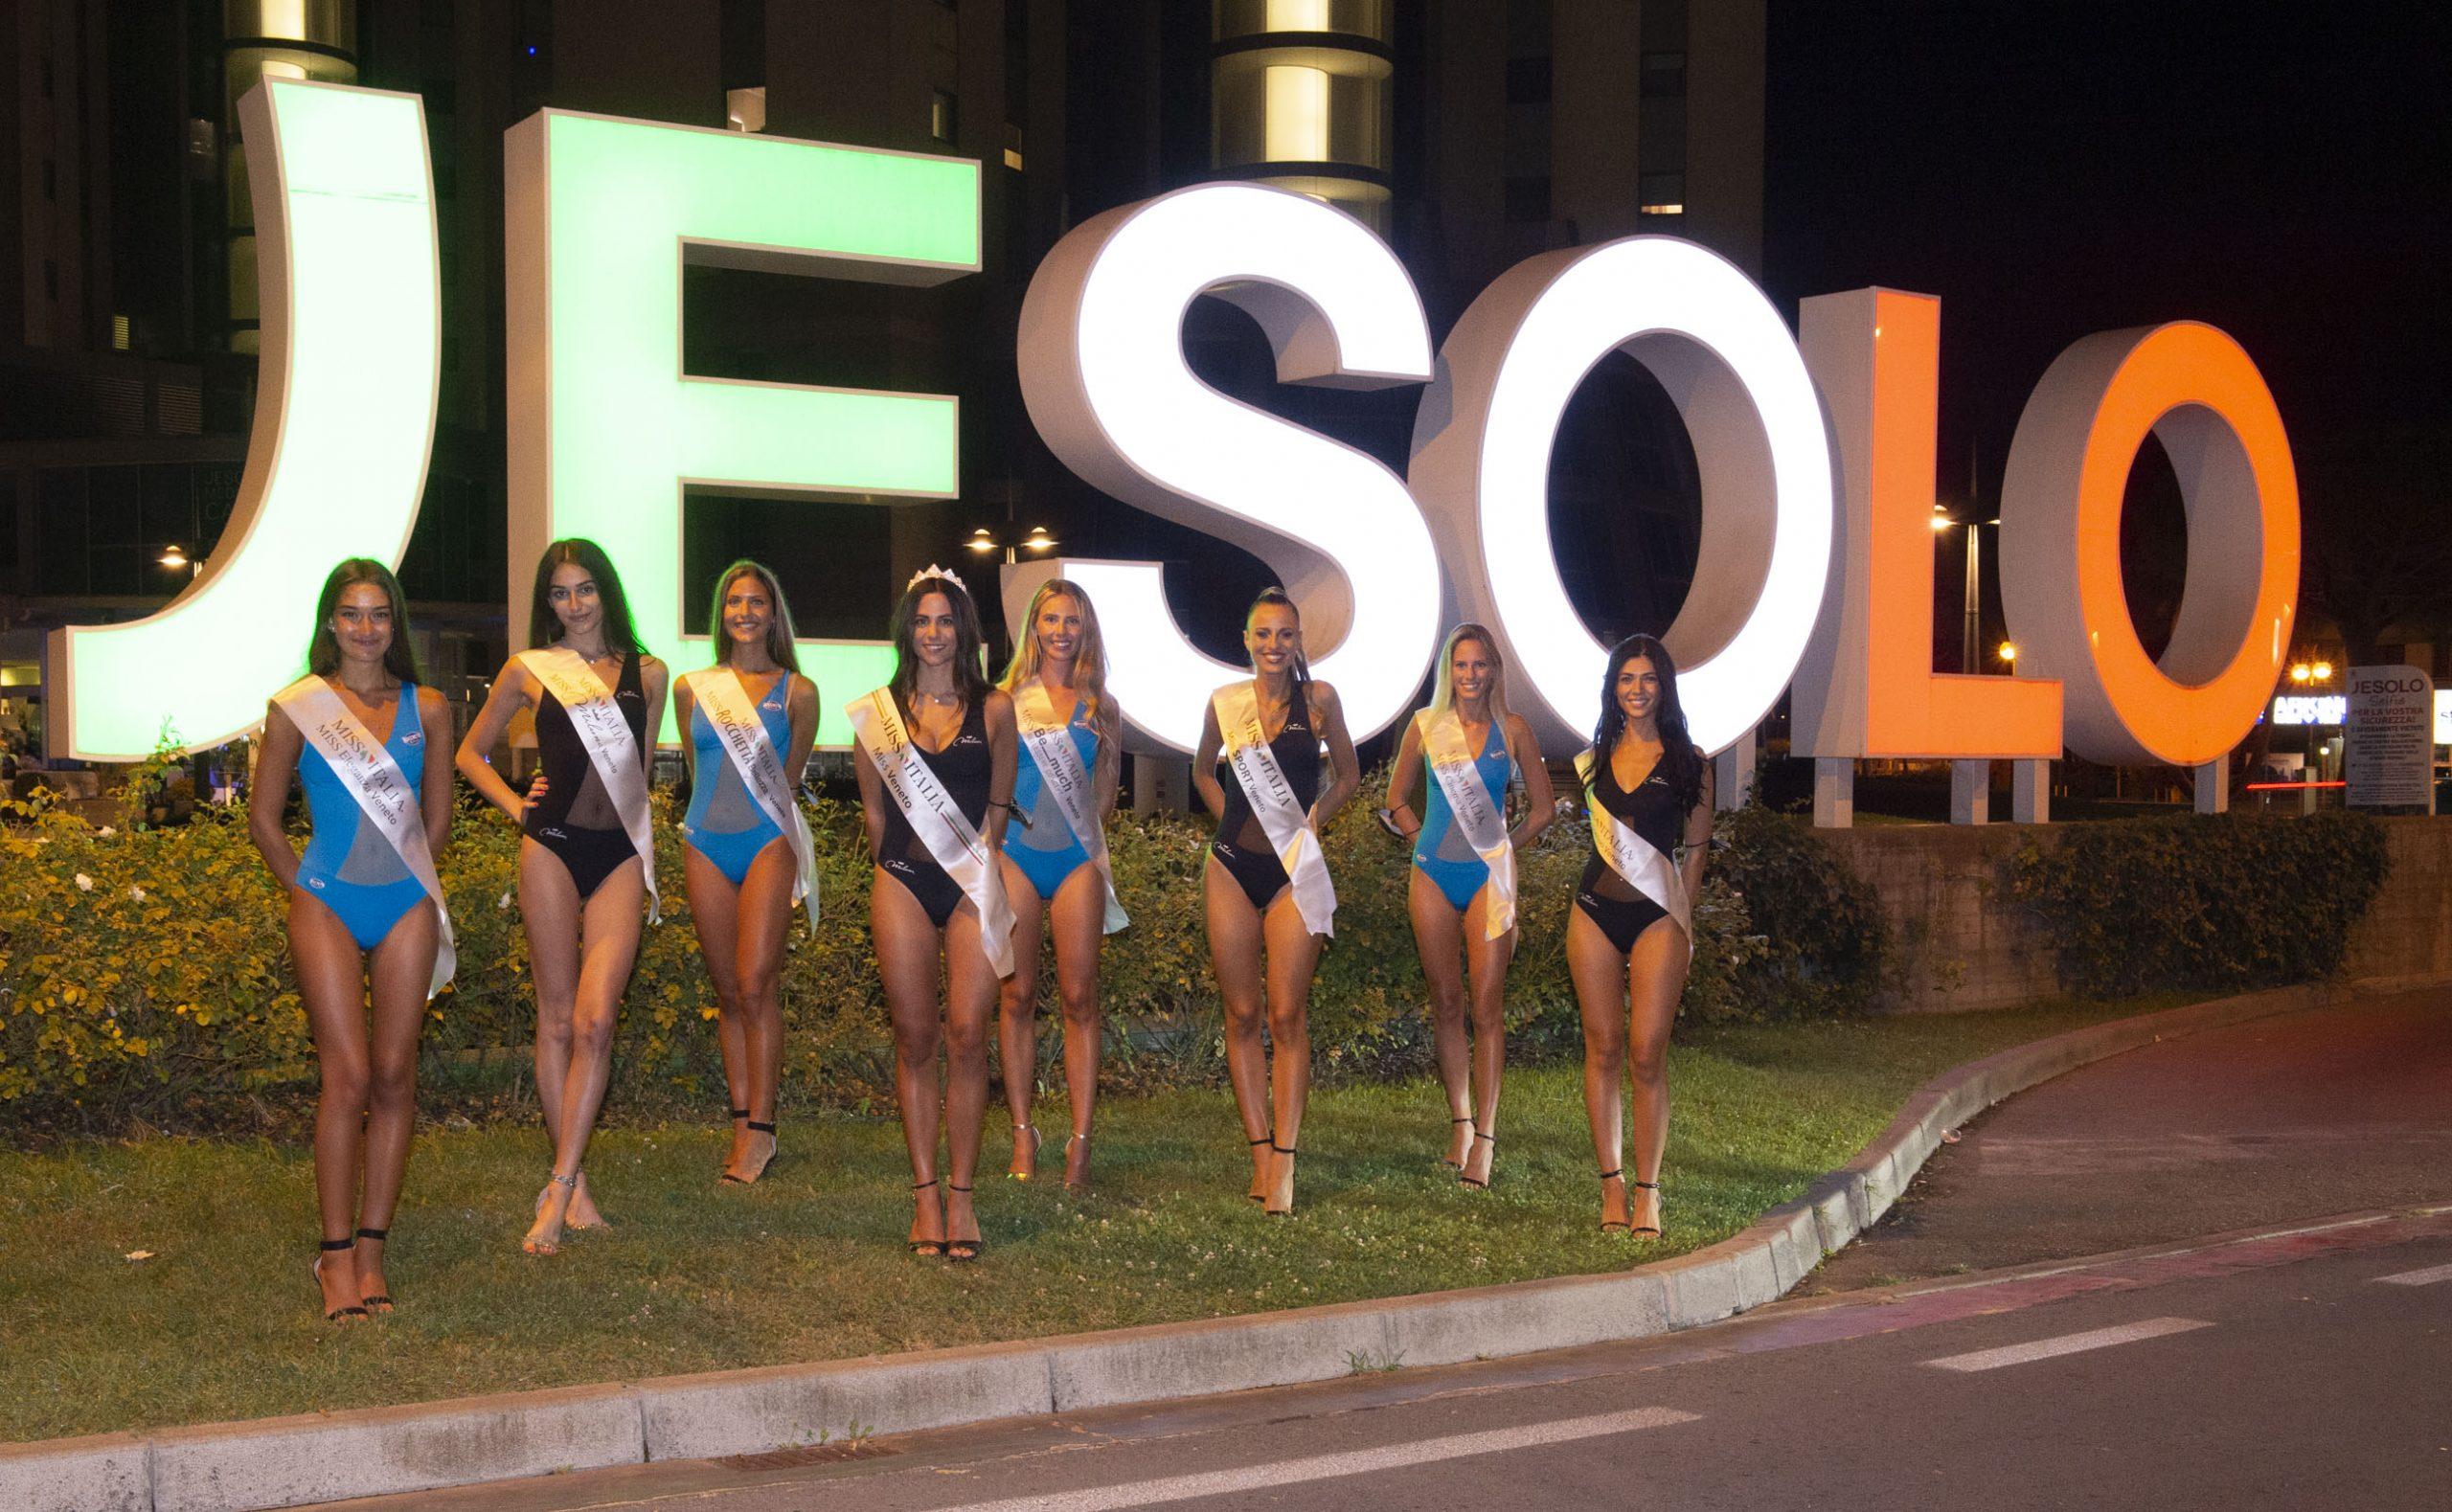 Gruppo finaliste Jesolo (ph Valter Parisotto)